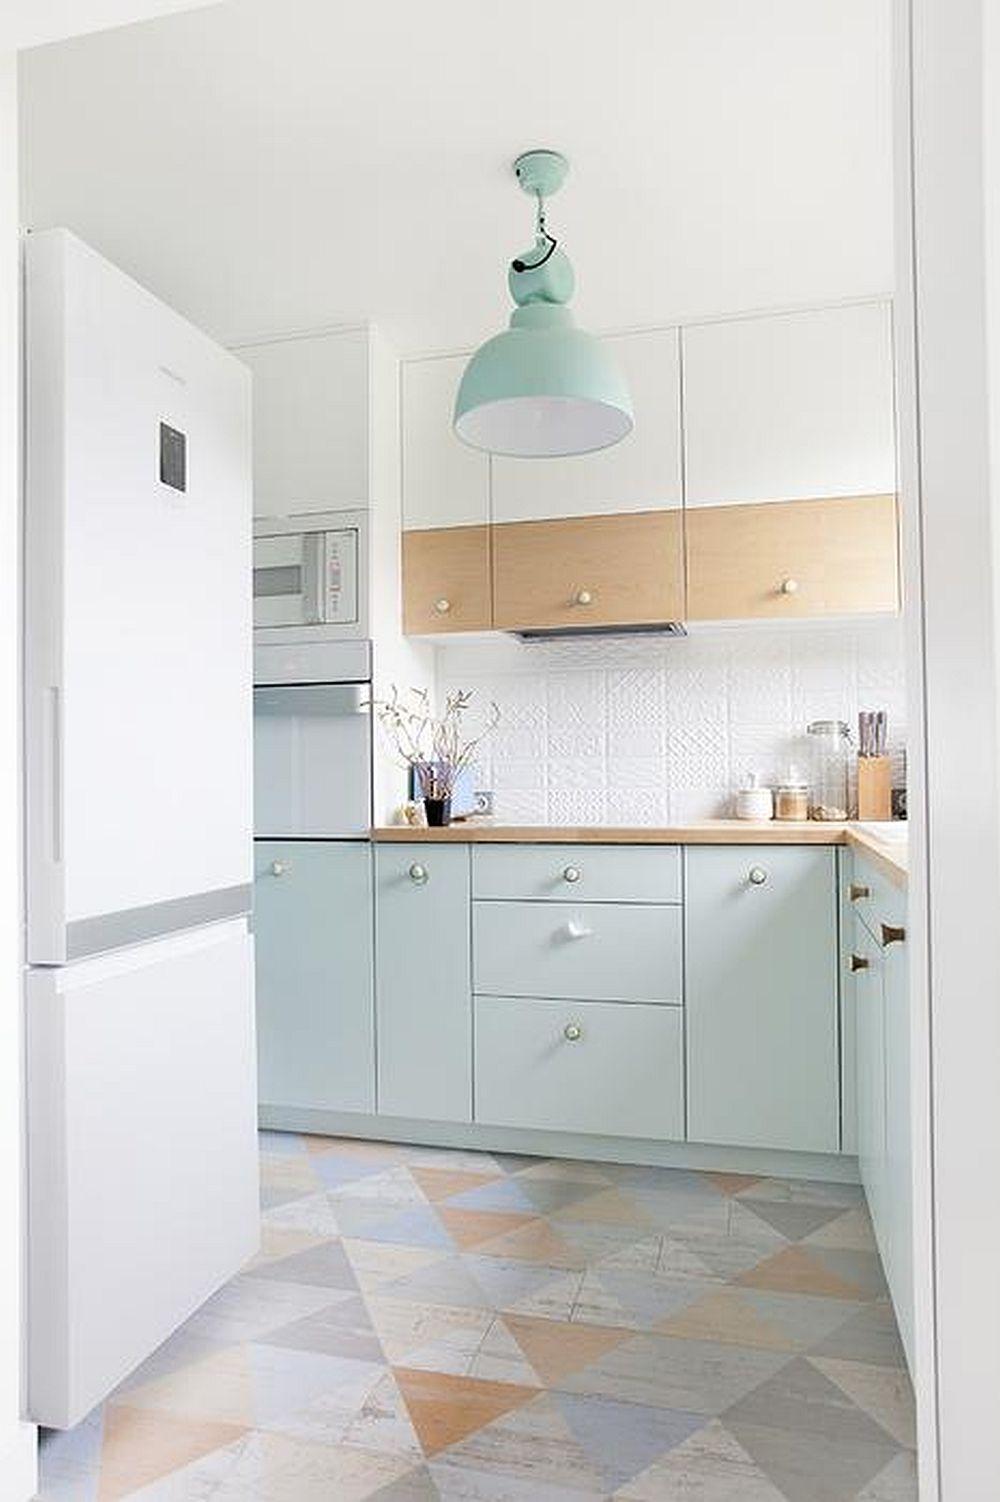 Nunațele pastelate folosite în amenajarea bucătăriei amplifică lumina naturală, care nu este obturată de către draperii. Nuanța rece a mentei este frumos încălzită de prezența lemnului și devine mai luminoasă alăturată suprafețelor albe. Spațiu mic în bucătărie, dar excelent organizat, verticala încăperii fiiind folosită la maximum pentru corpuri suspendate.